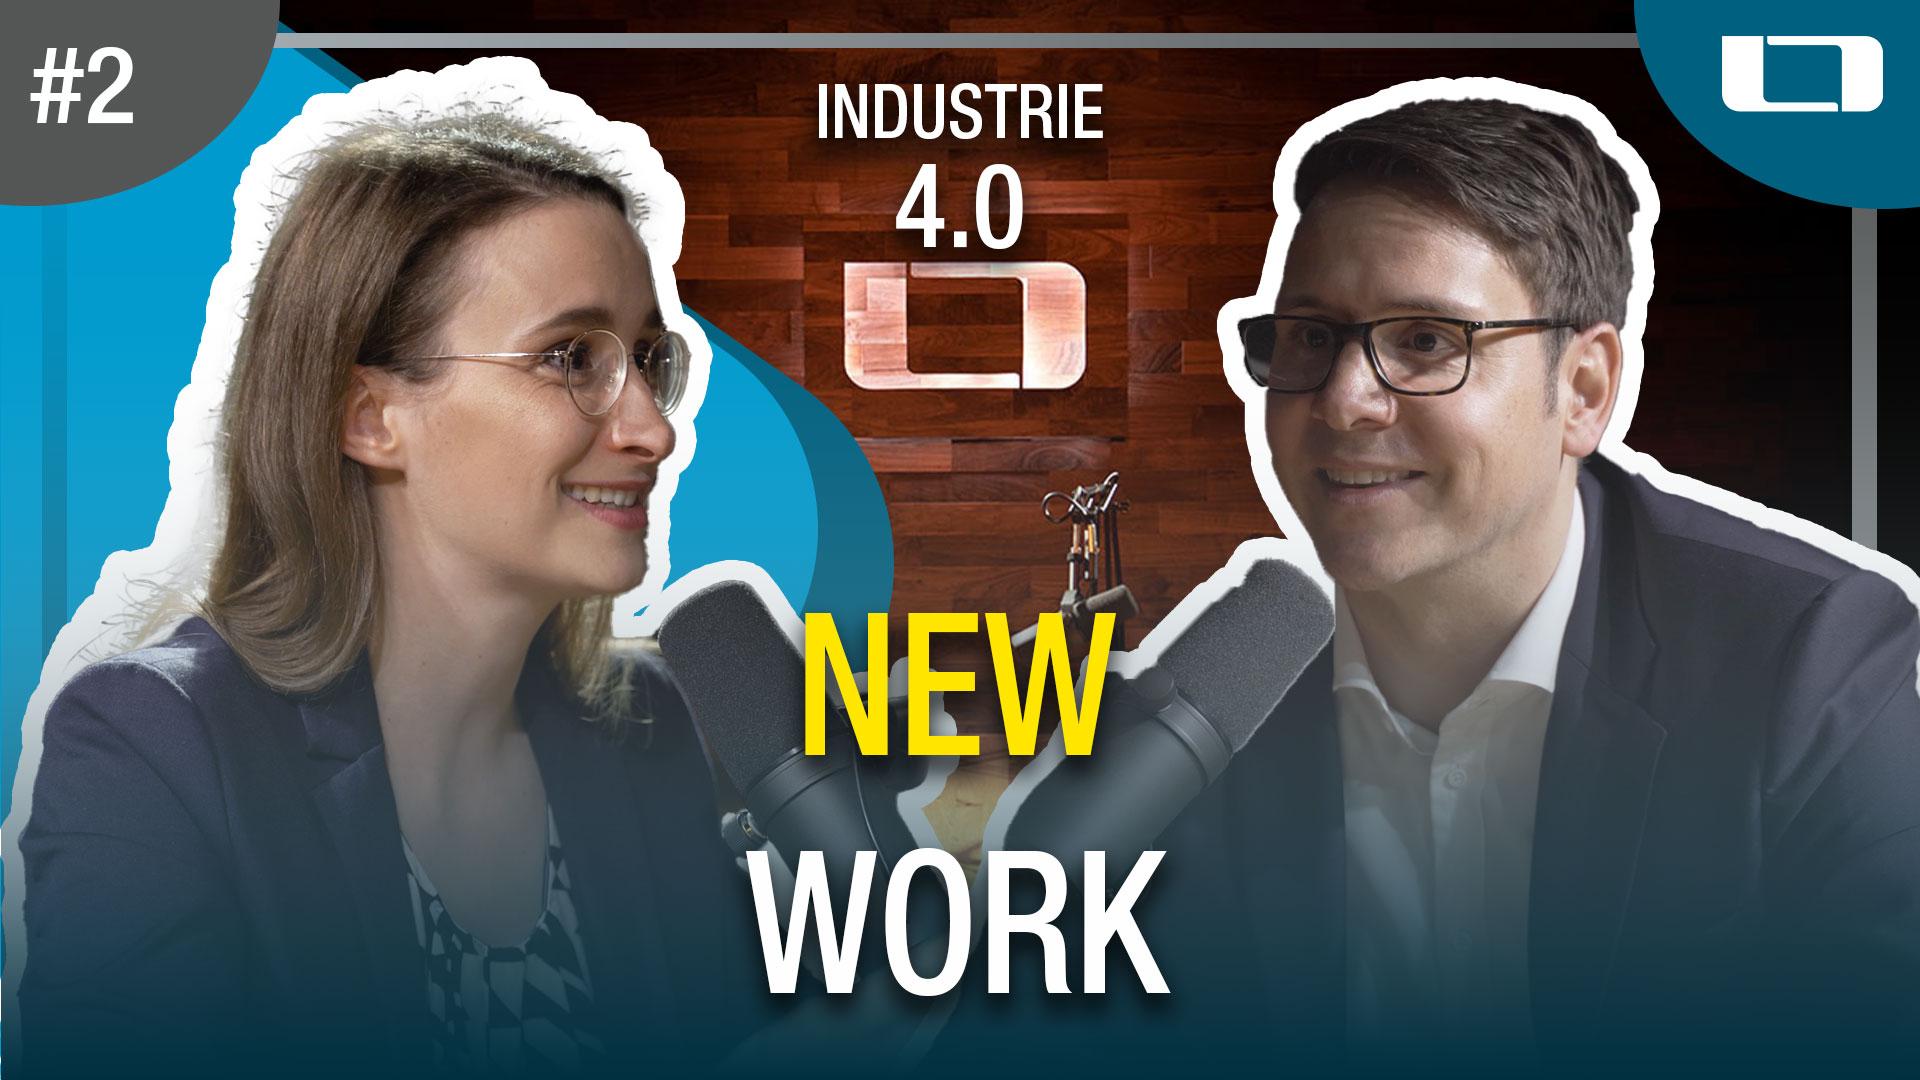 industrie 4.0 moritz haemmerle new work